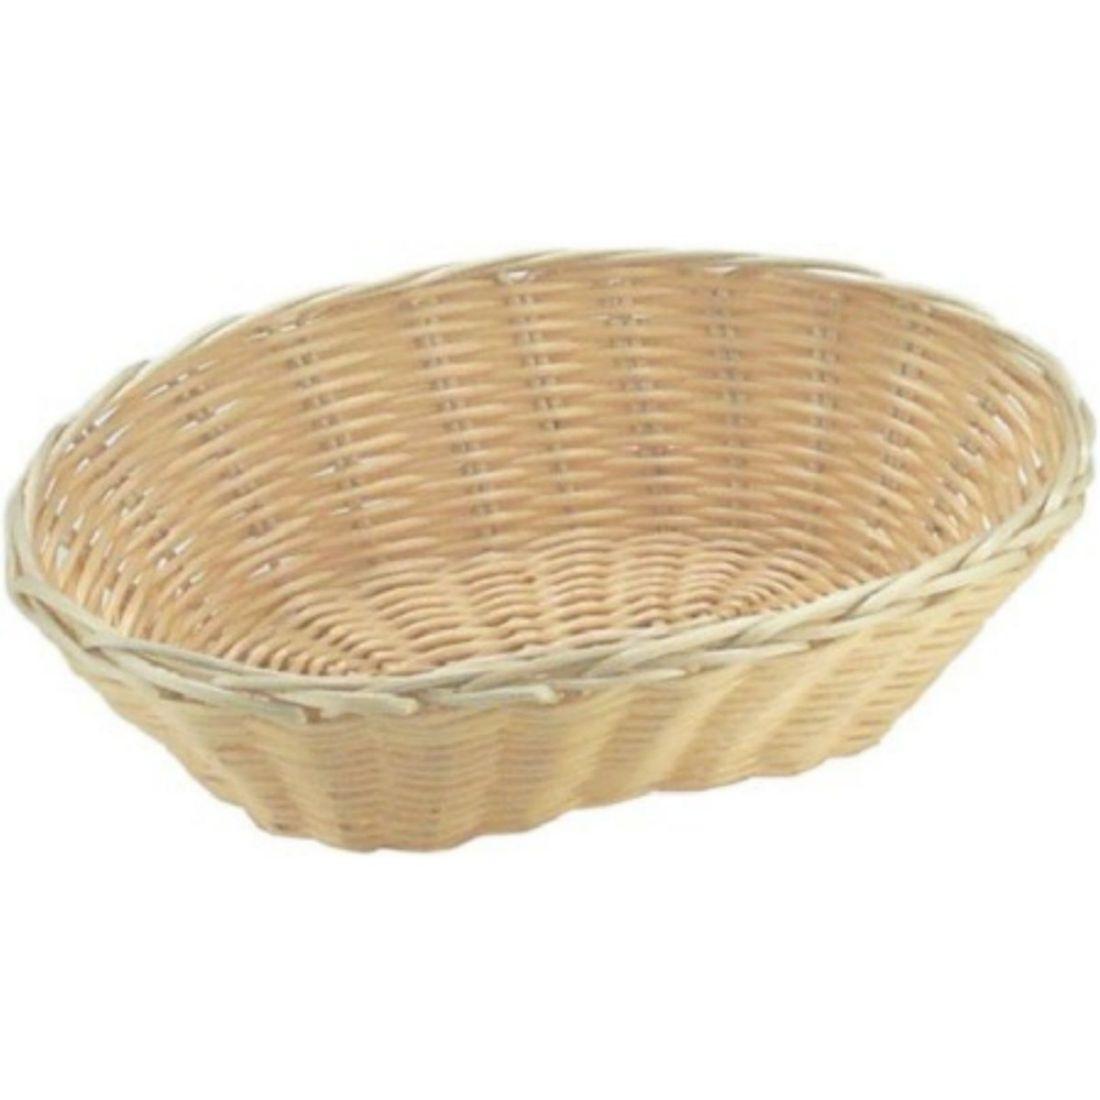 Košík na pečivo polyratan 25x16x6,5cm